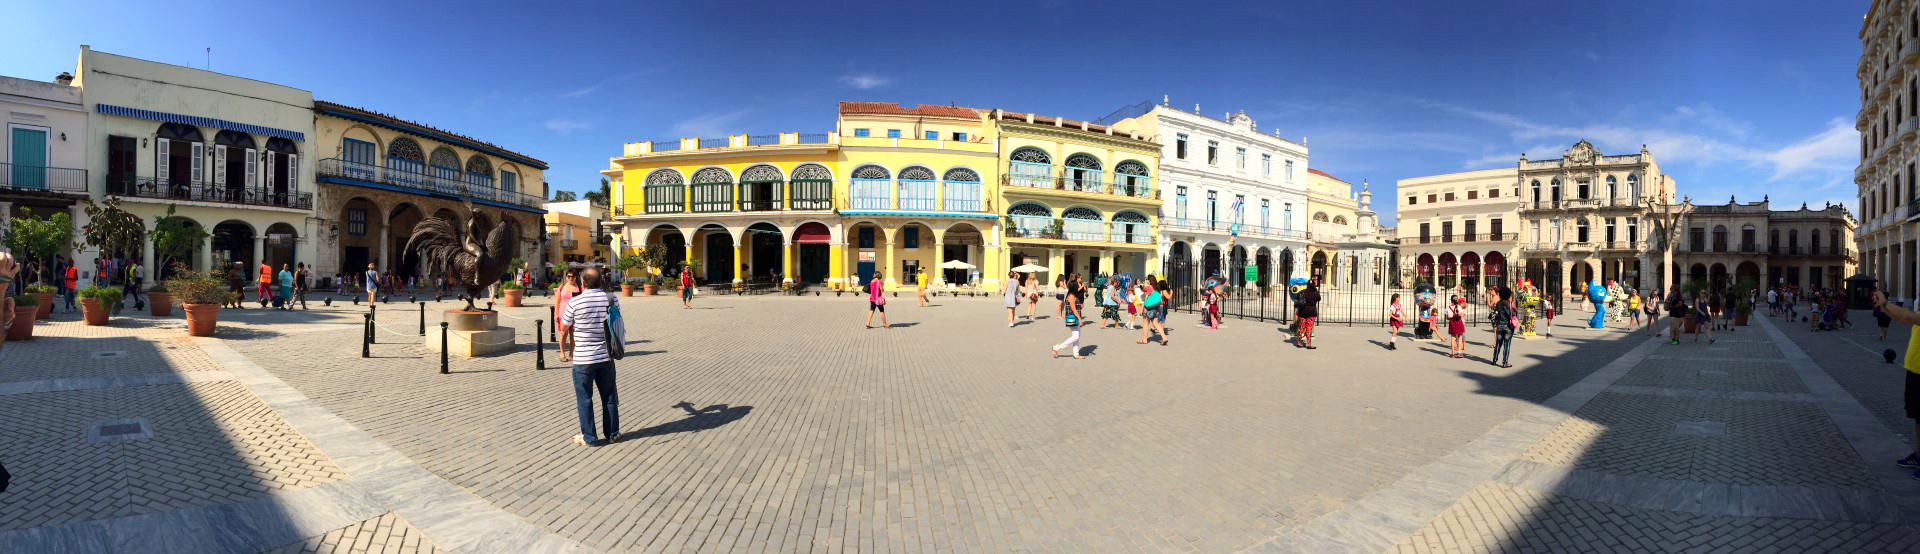 Qué ver en La Habana, Cuba qué ver en la habana, cuba - 31244103176 35727bf796 o - Qué ver en La Habana, Cuba